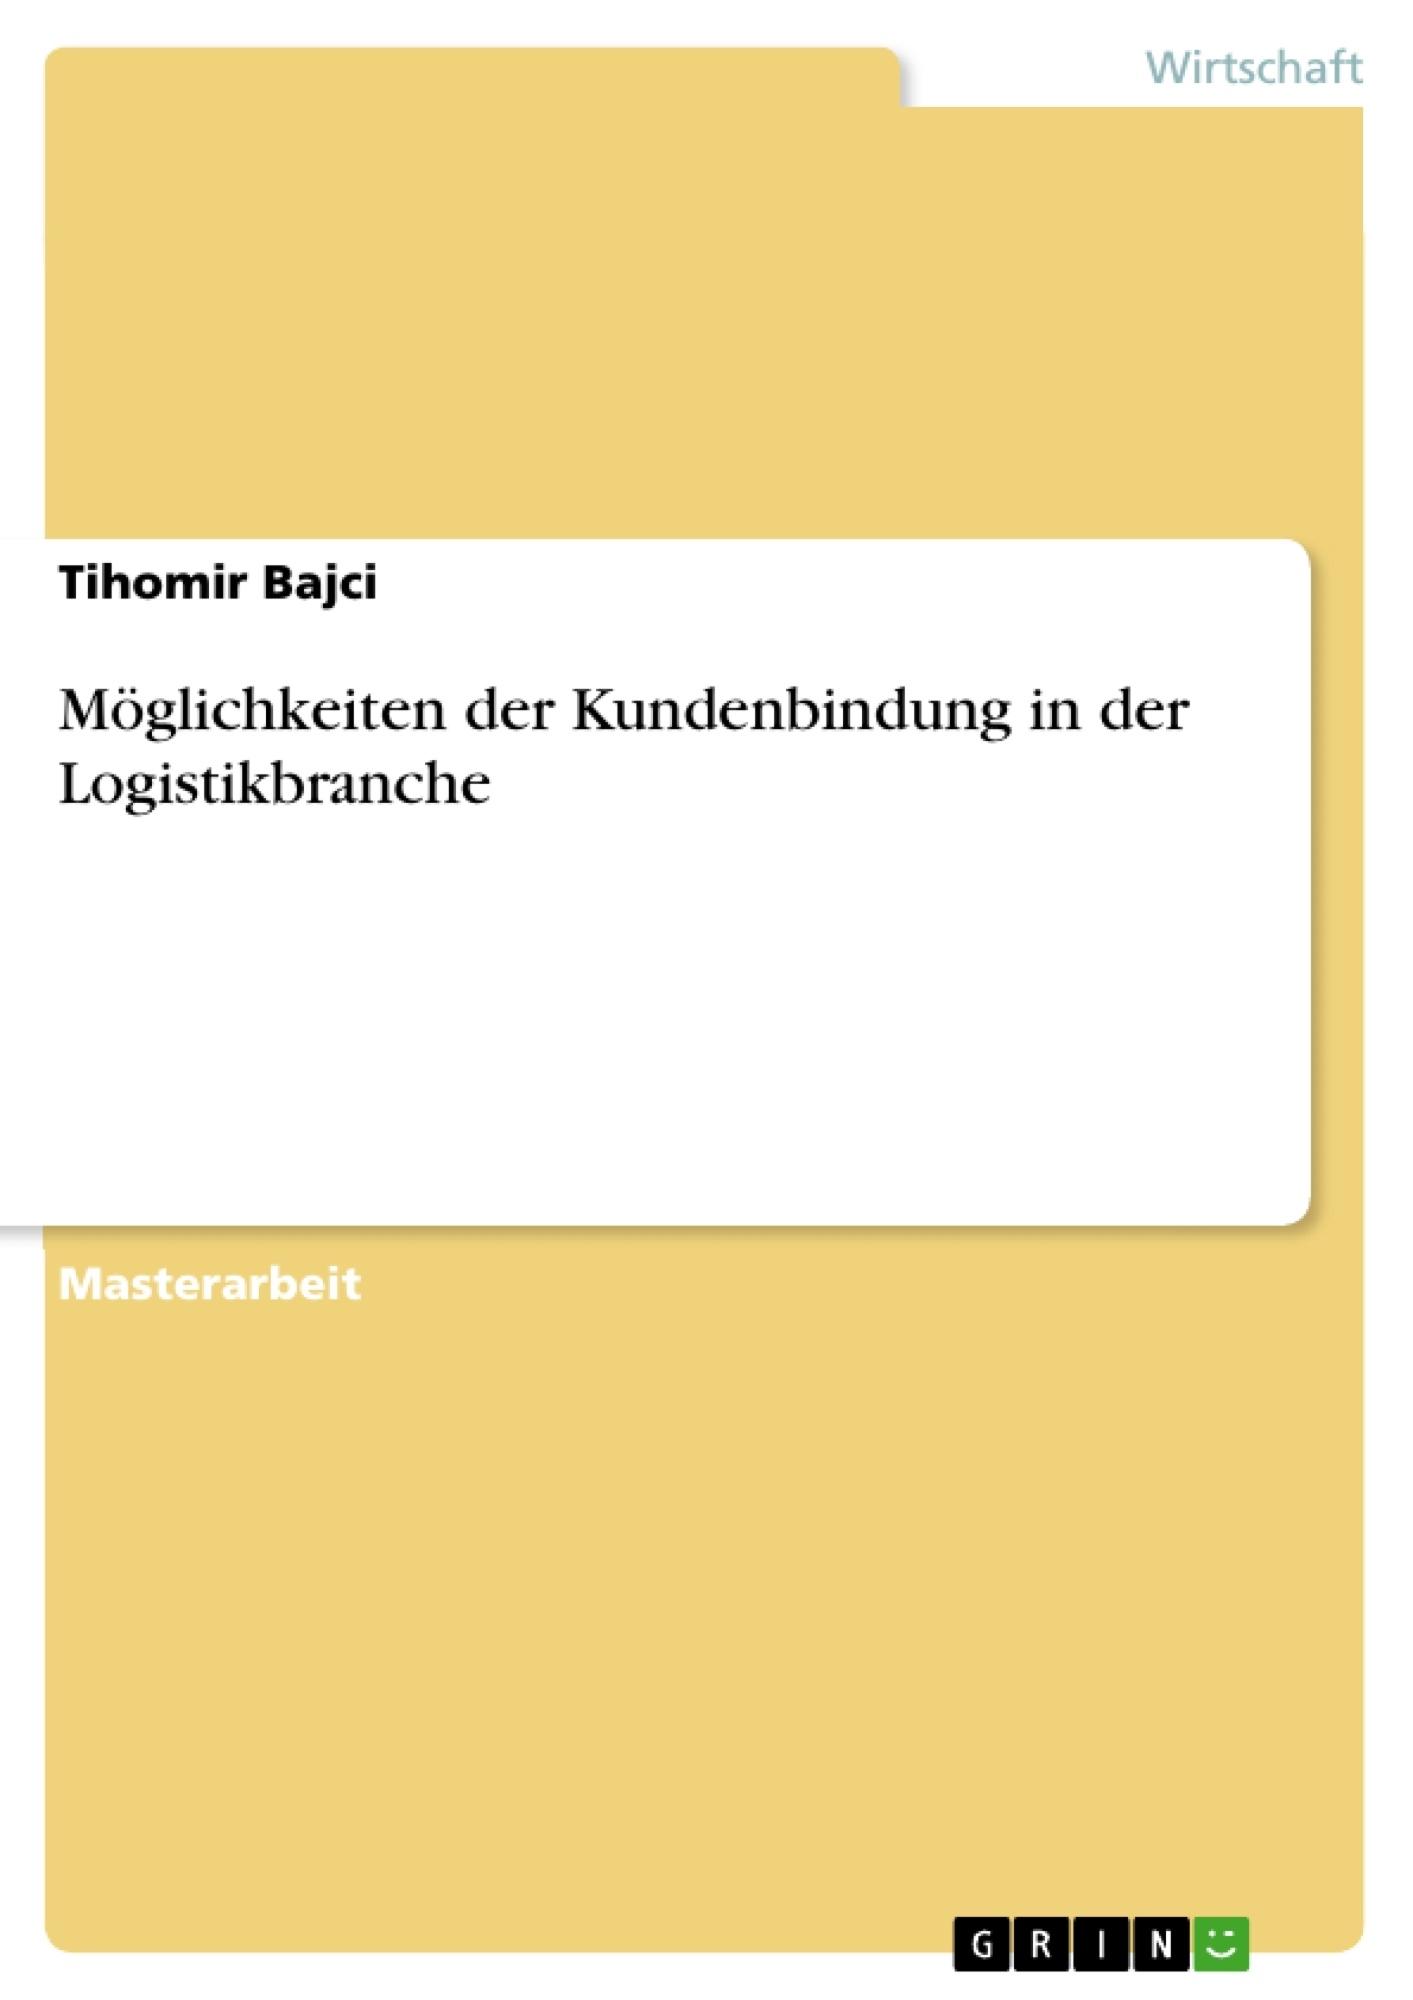 Titel: Möglichkeiten der Kundenbindung in der Logistikbranche